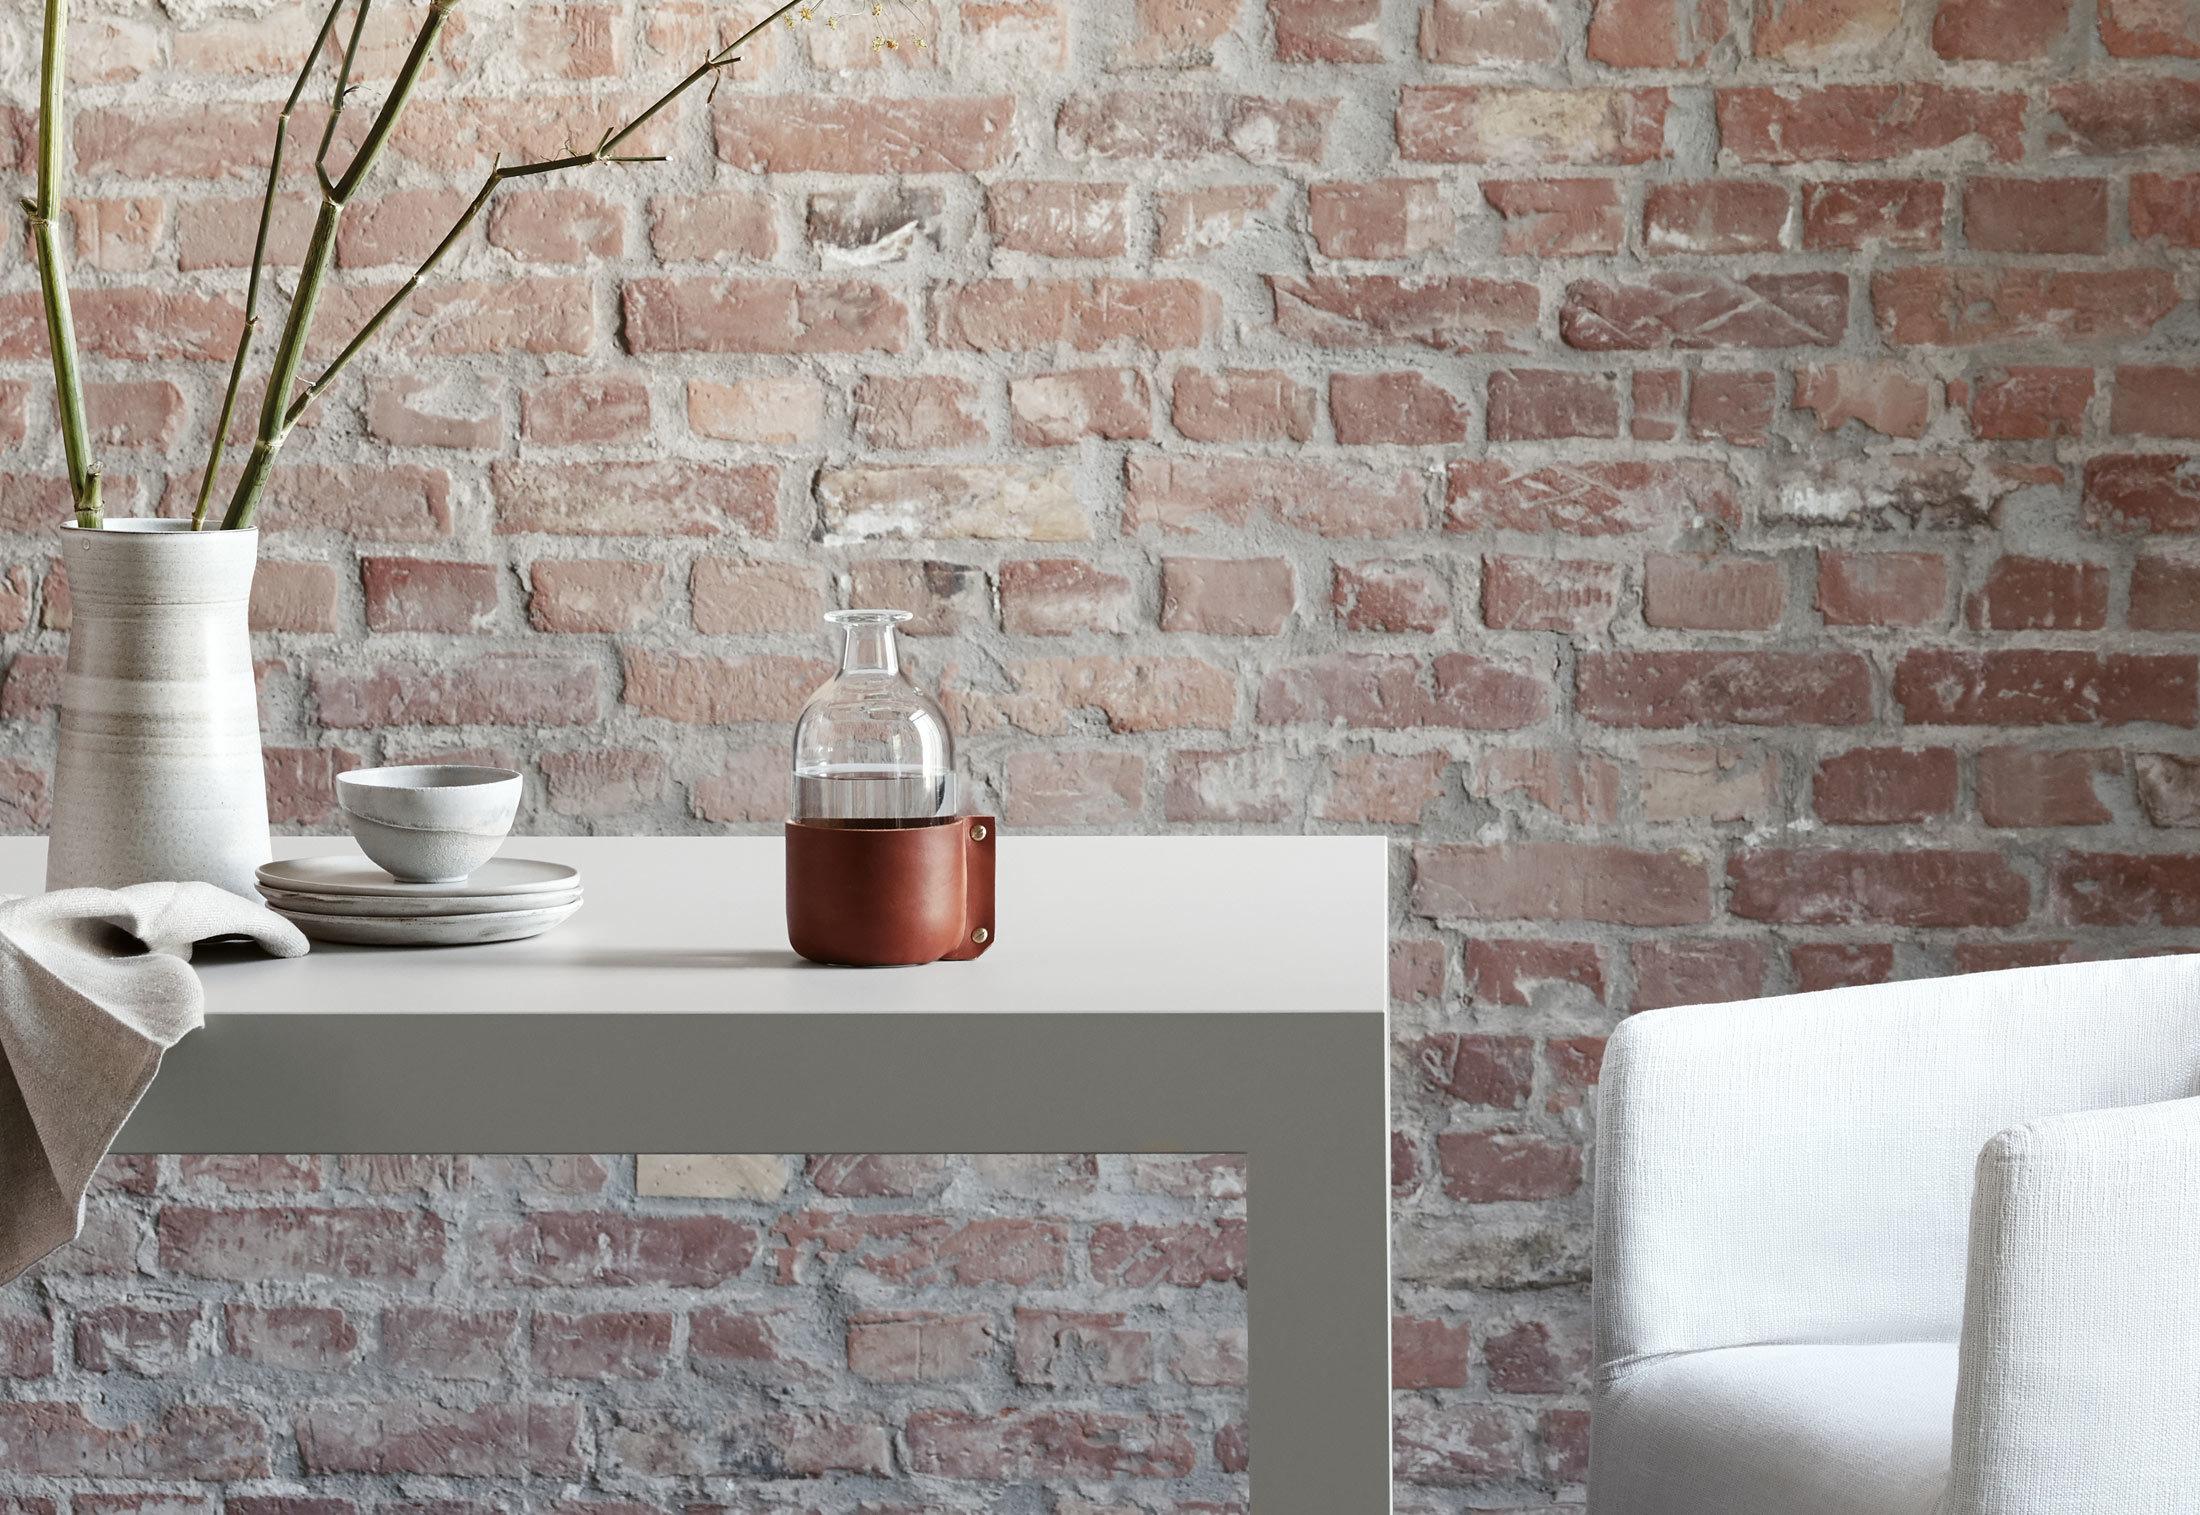 bulthaup c2 tisch von bulthaup stylepark. Black Bedroom Furniture Sets. Home Design Ideas